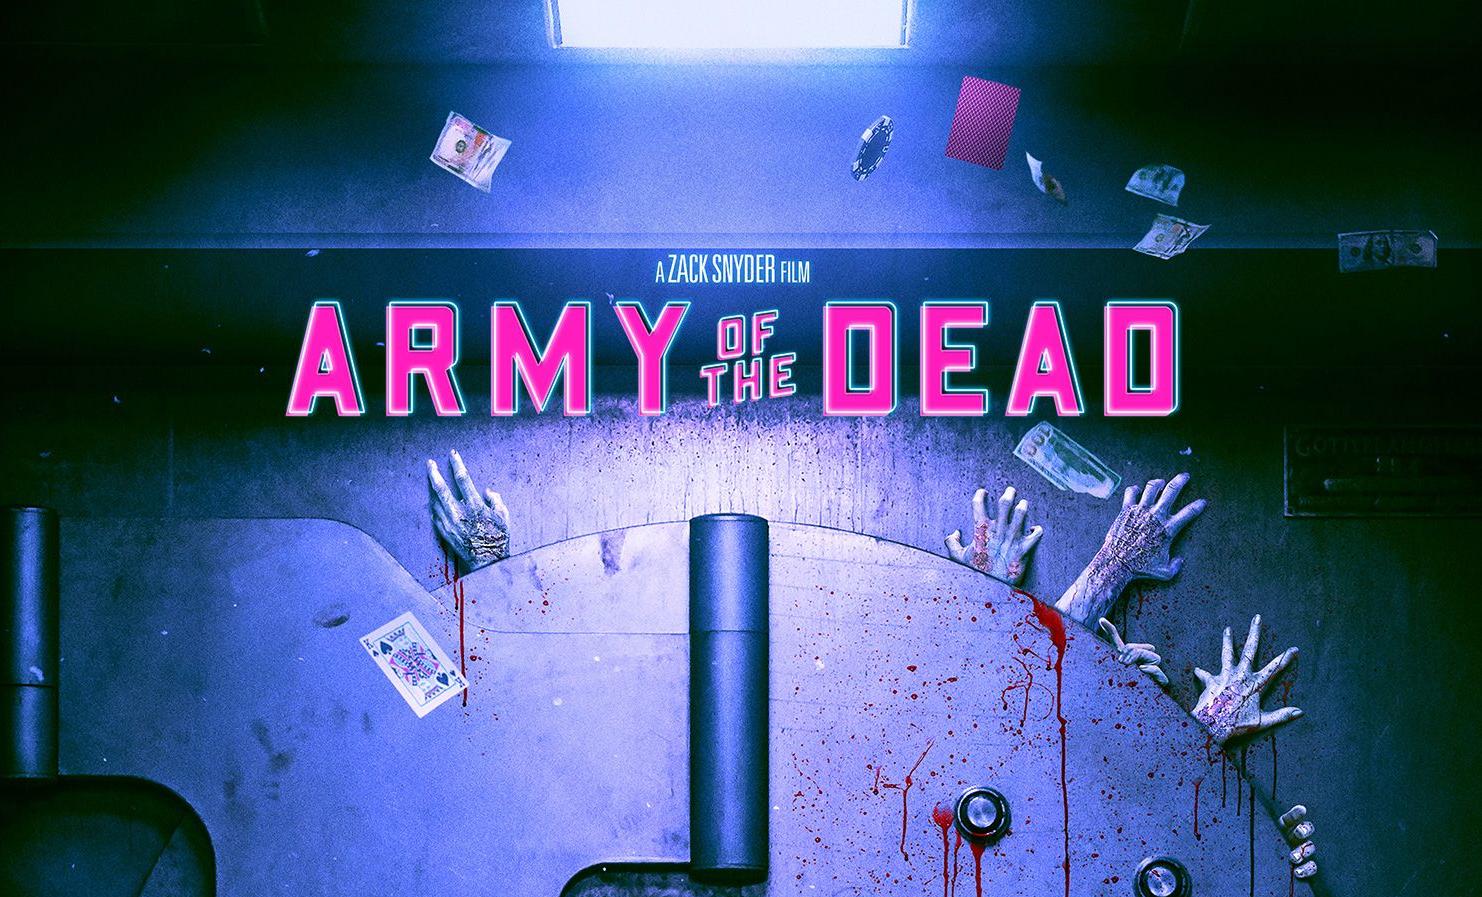 Filme De Zack Snyder Sobre Zumbis Na Netflix 'Army Of The Dead' Tem Data De  Lançamento E Pôster | UnicórnioHater